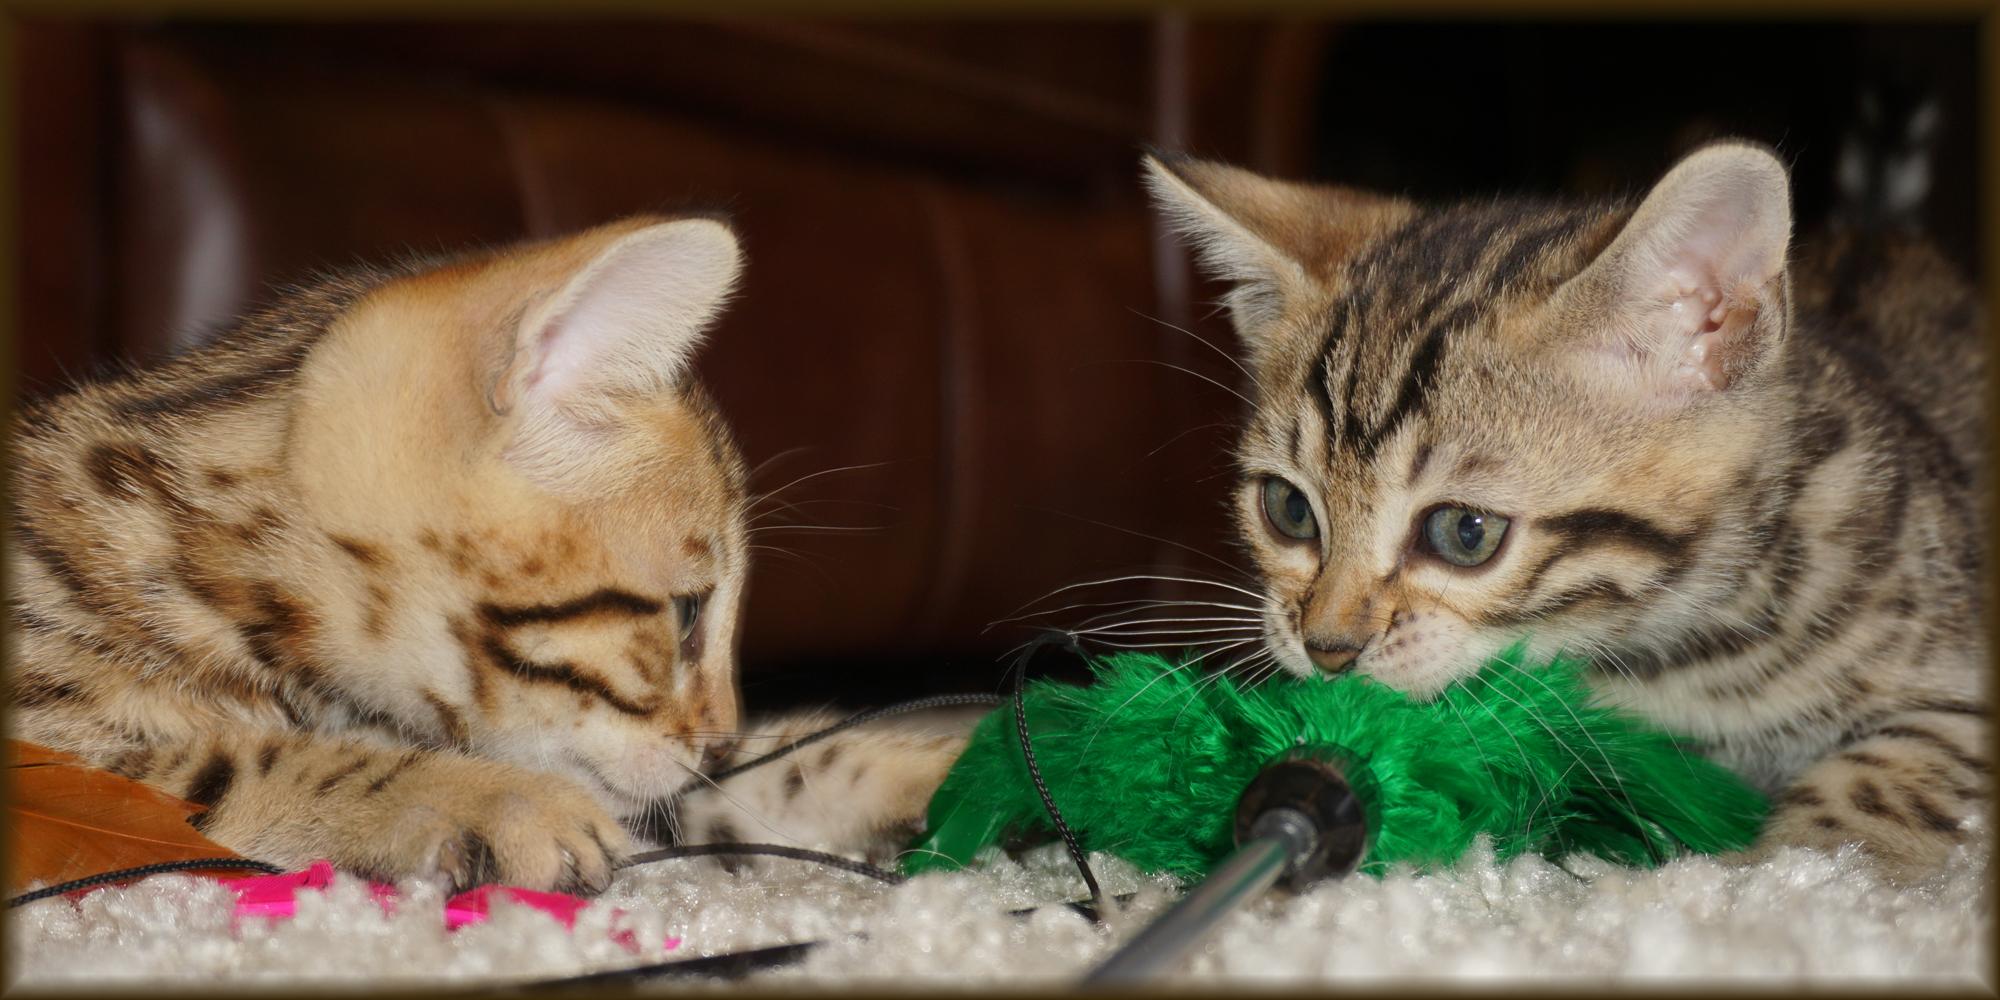 Cheetahsden Zeek and Cheetahsden Zak